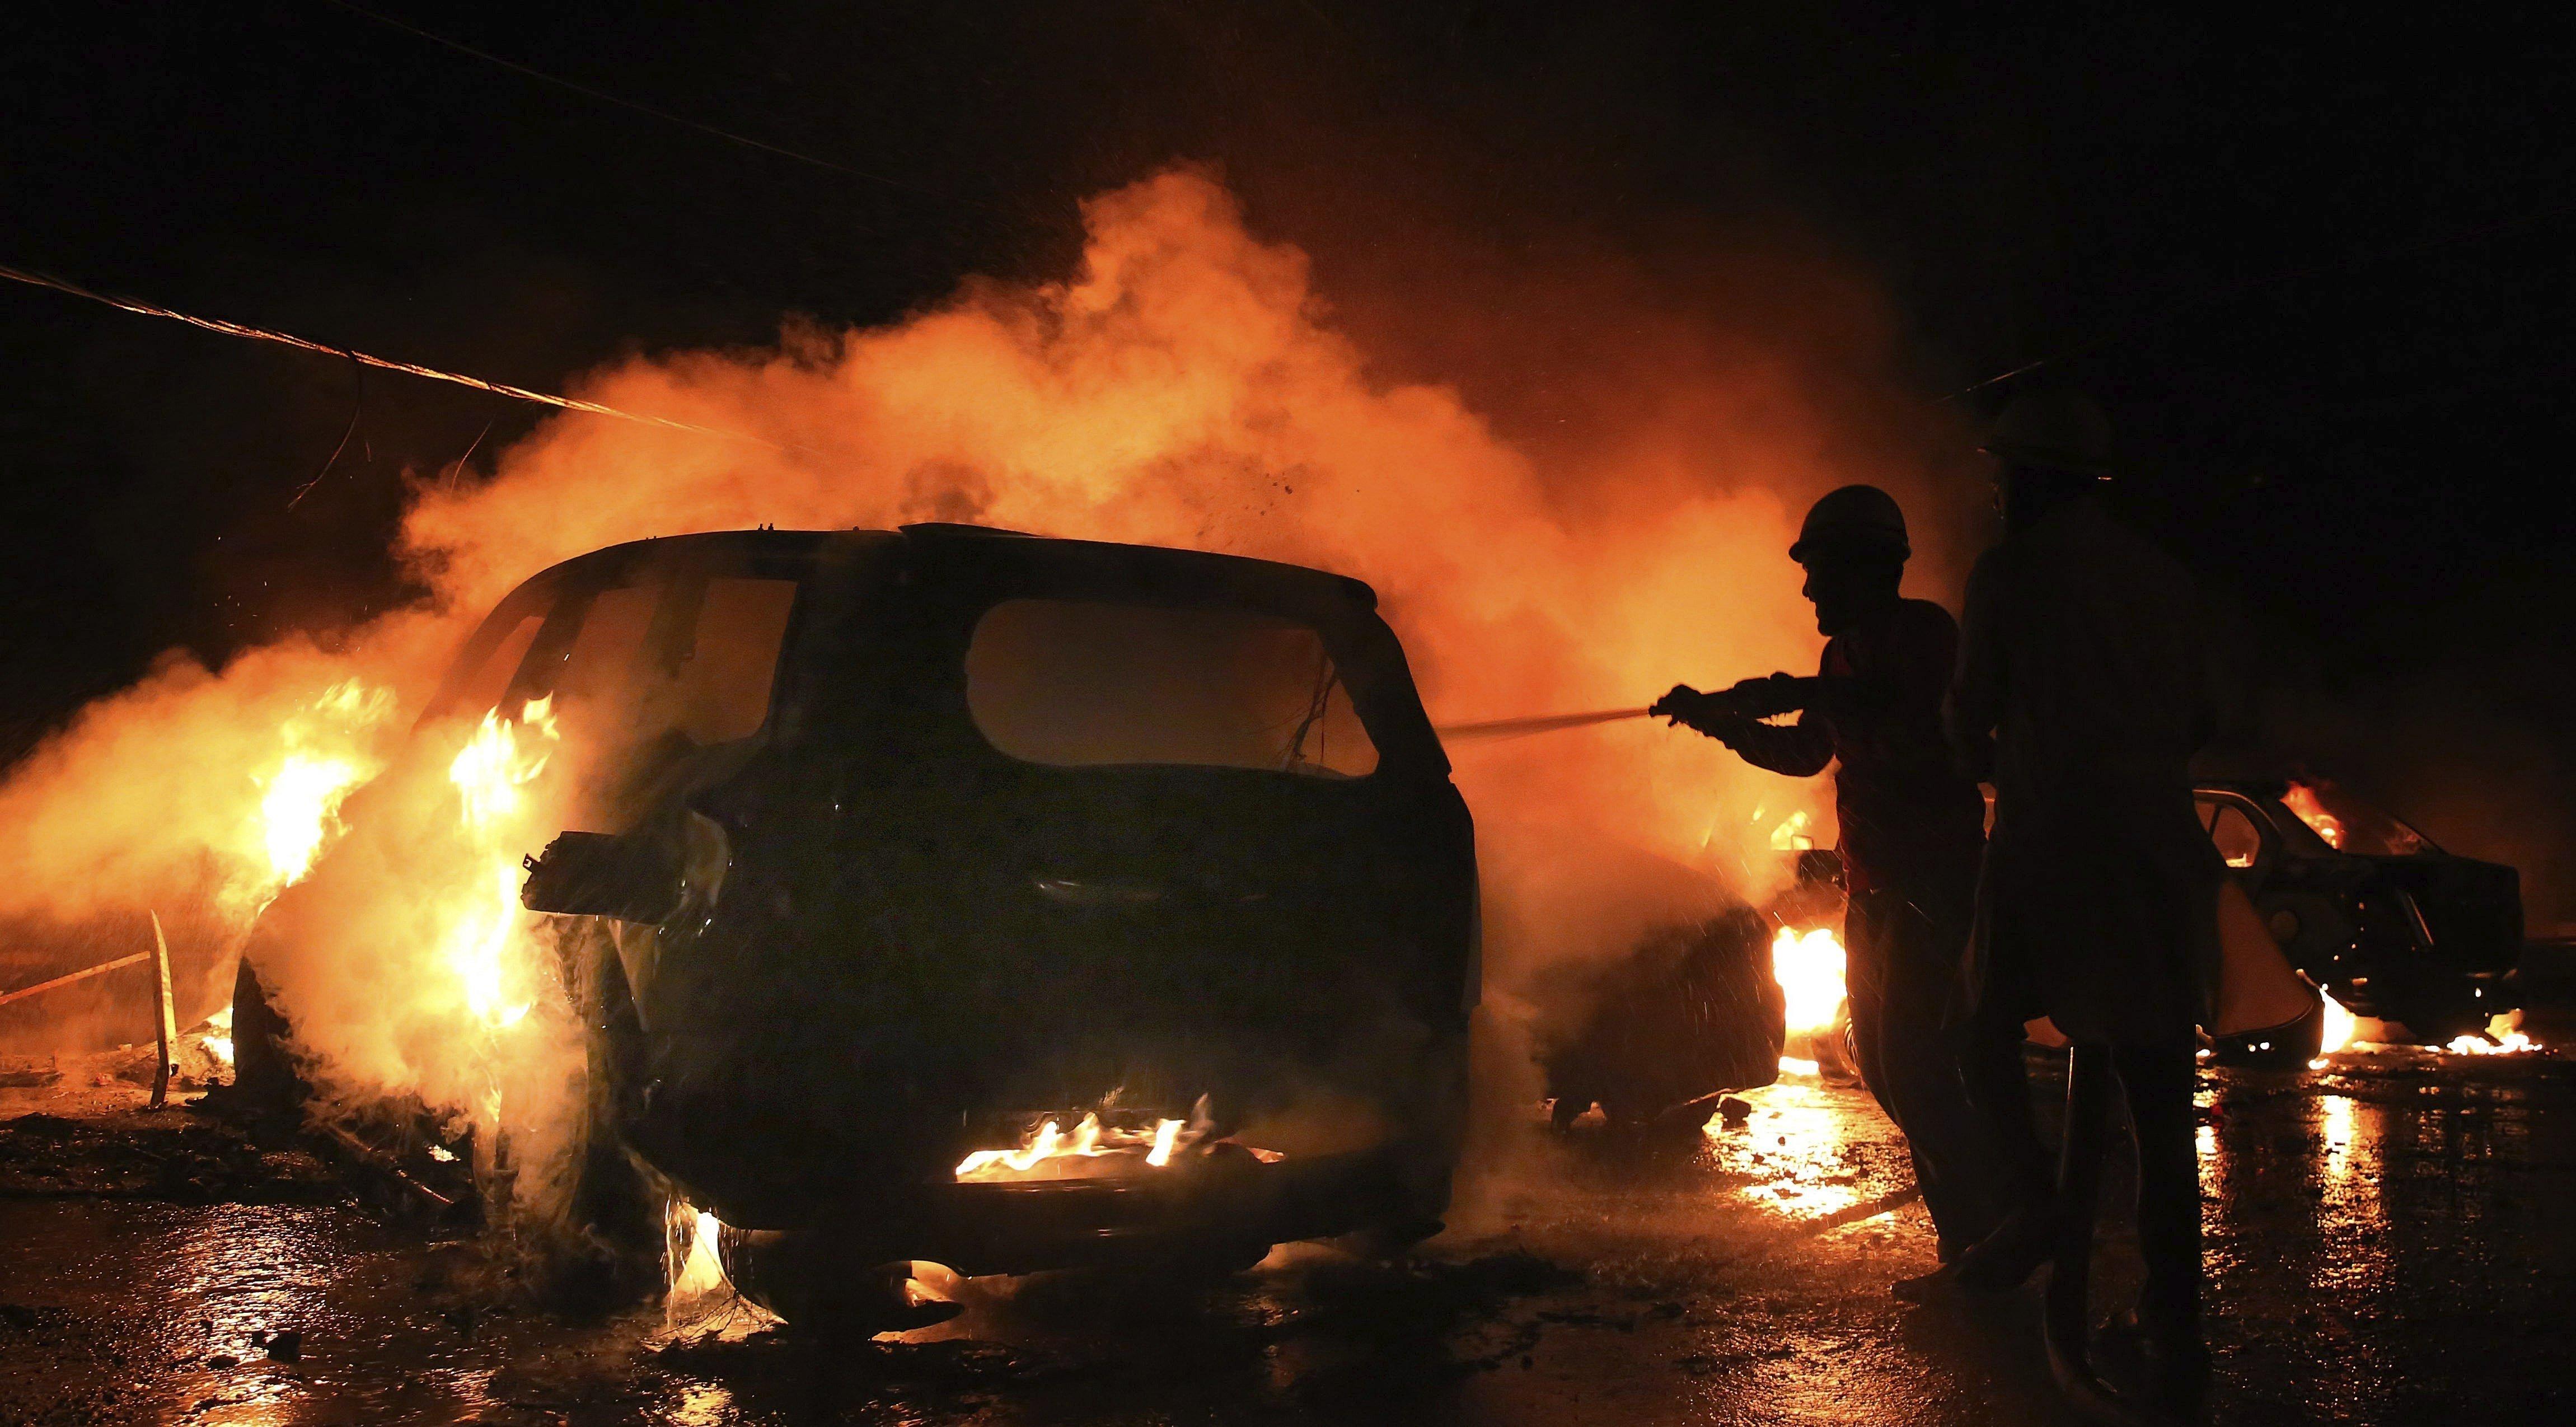 Bombers tracten d'extingir les flames que emboliquen un cotxe durant els disturbis entre membres de les comunitats musulmana i hindú a Bhopal, Índia. /SANJEEV GUPTA